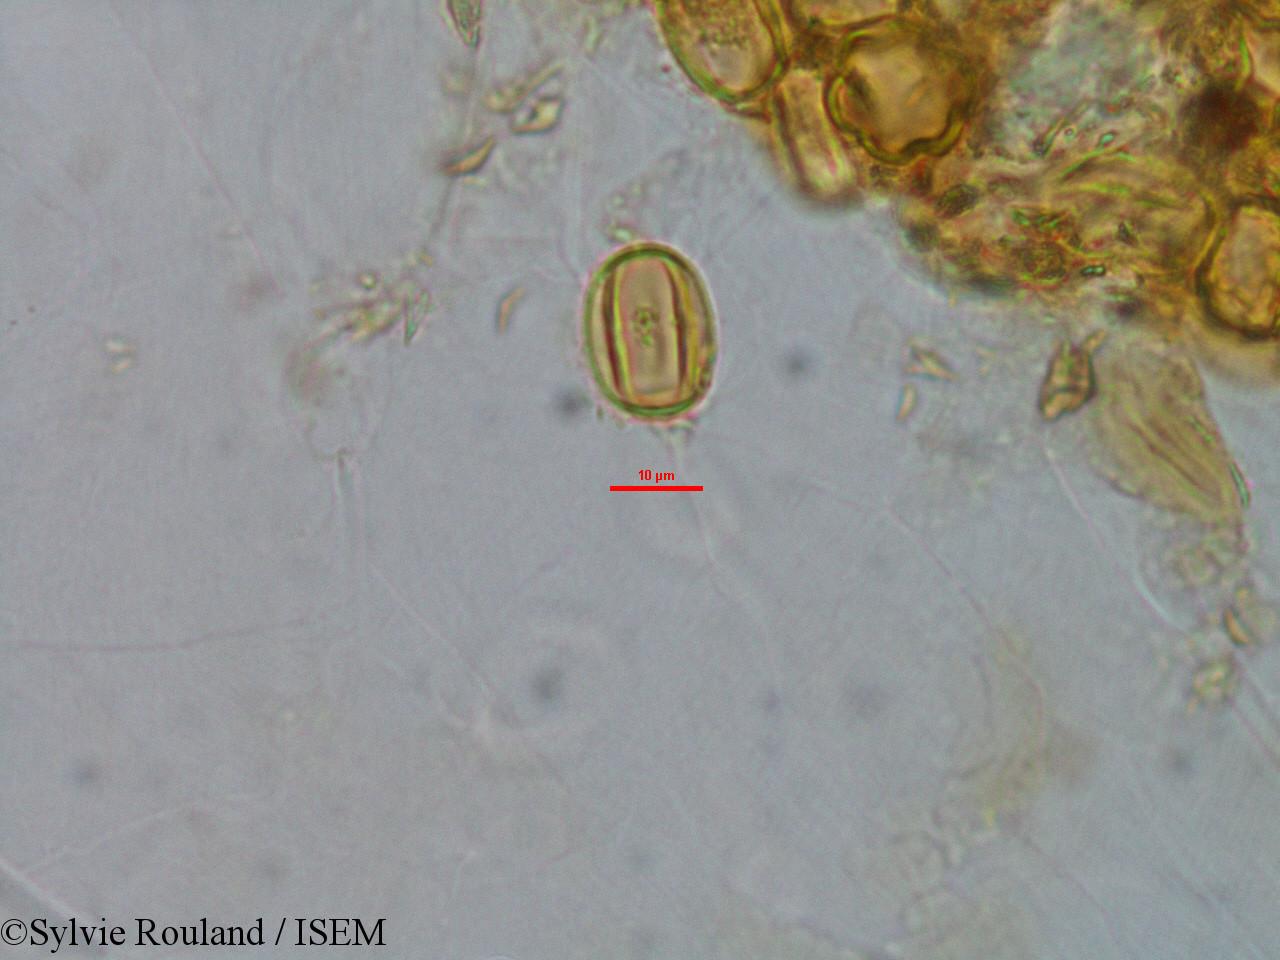 Sylvie.Rouland/Gravesia_laxiflora_1521/Gravesia_laxiflora_1521_0003(copy).jpg